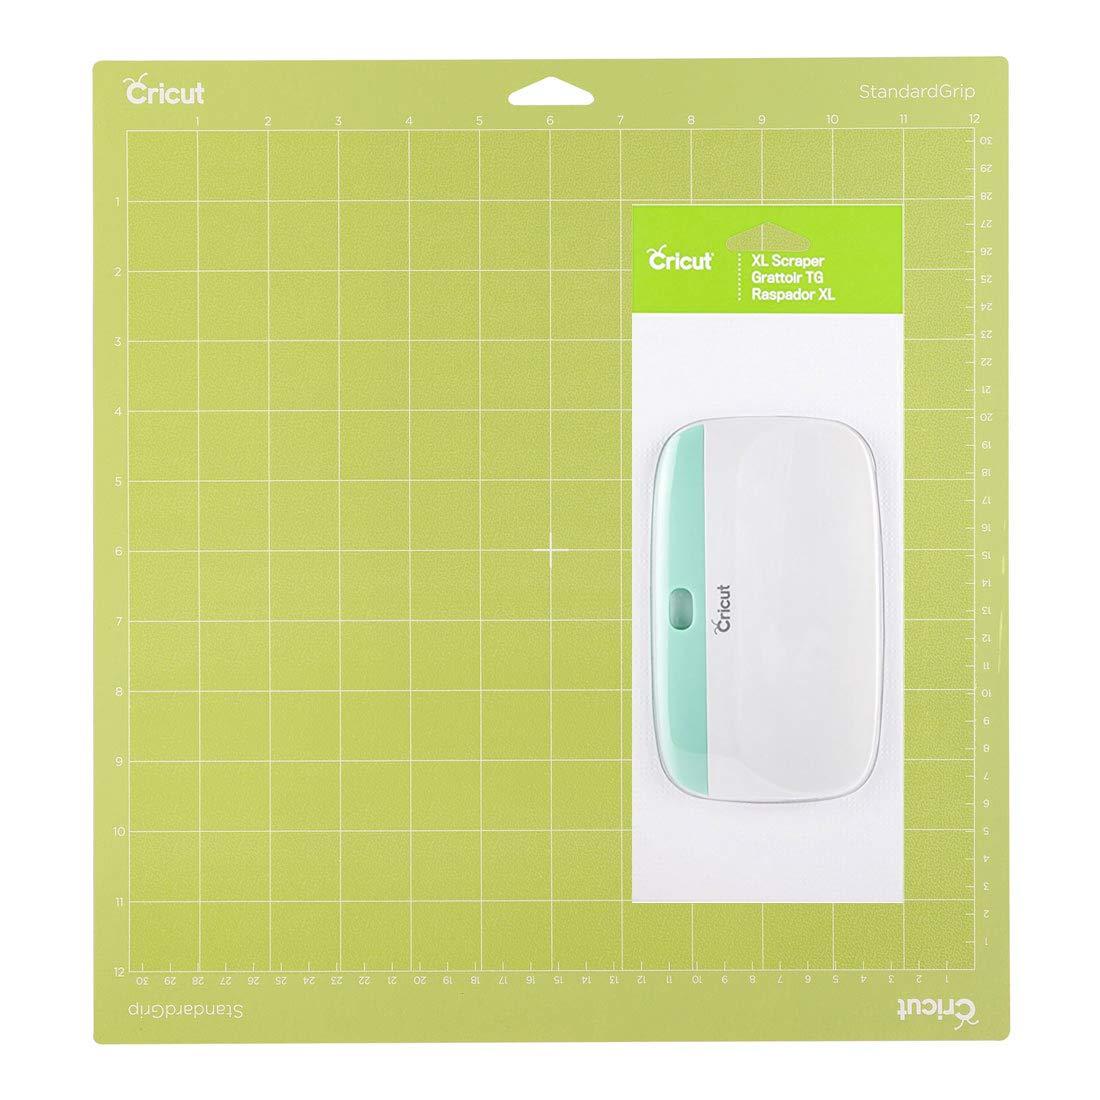 Cricut XL Scraper Plus Cricut 12-by-12 Adhesive Cutting Mat